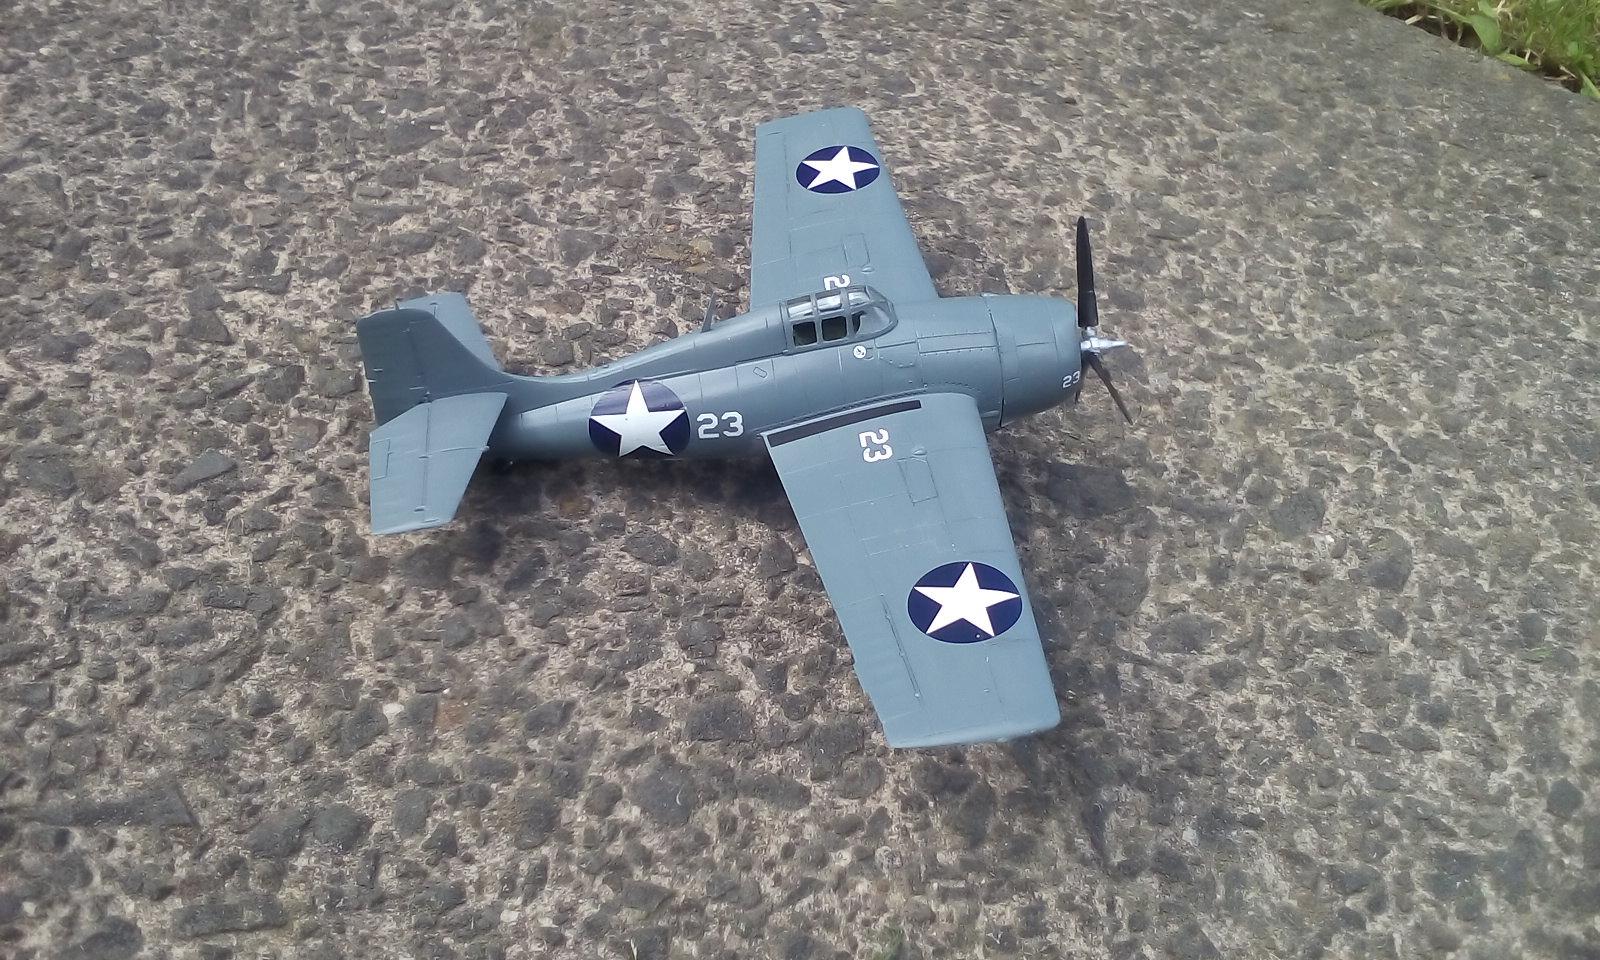 Airfix 1:72 wildcat - Ready for Inspection - Aircraft - Britmodeller com